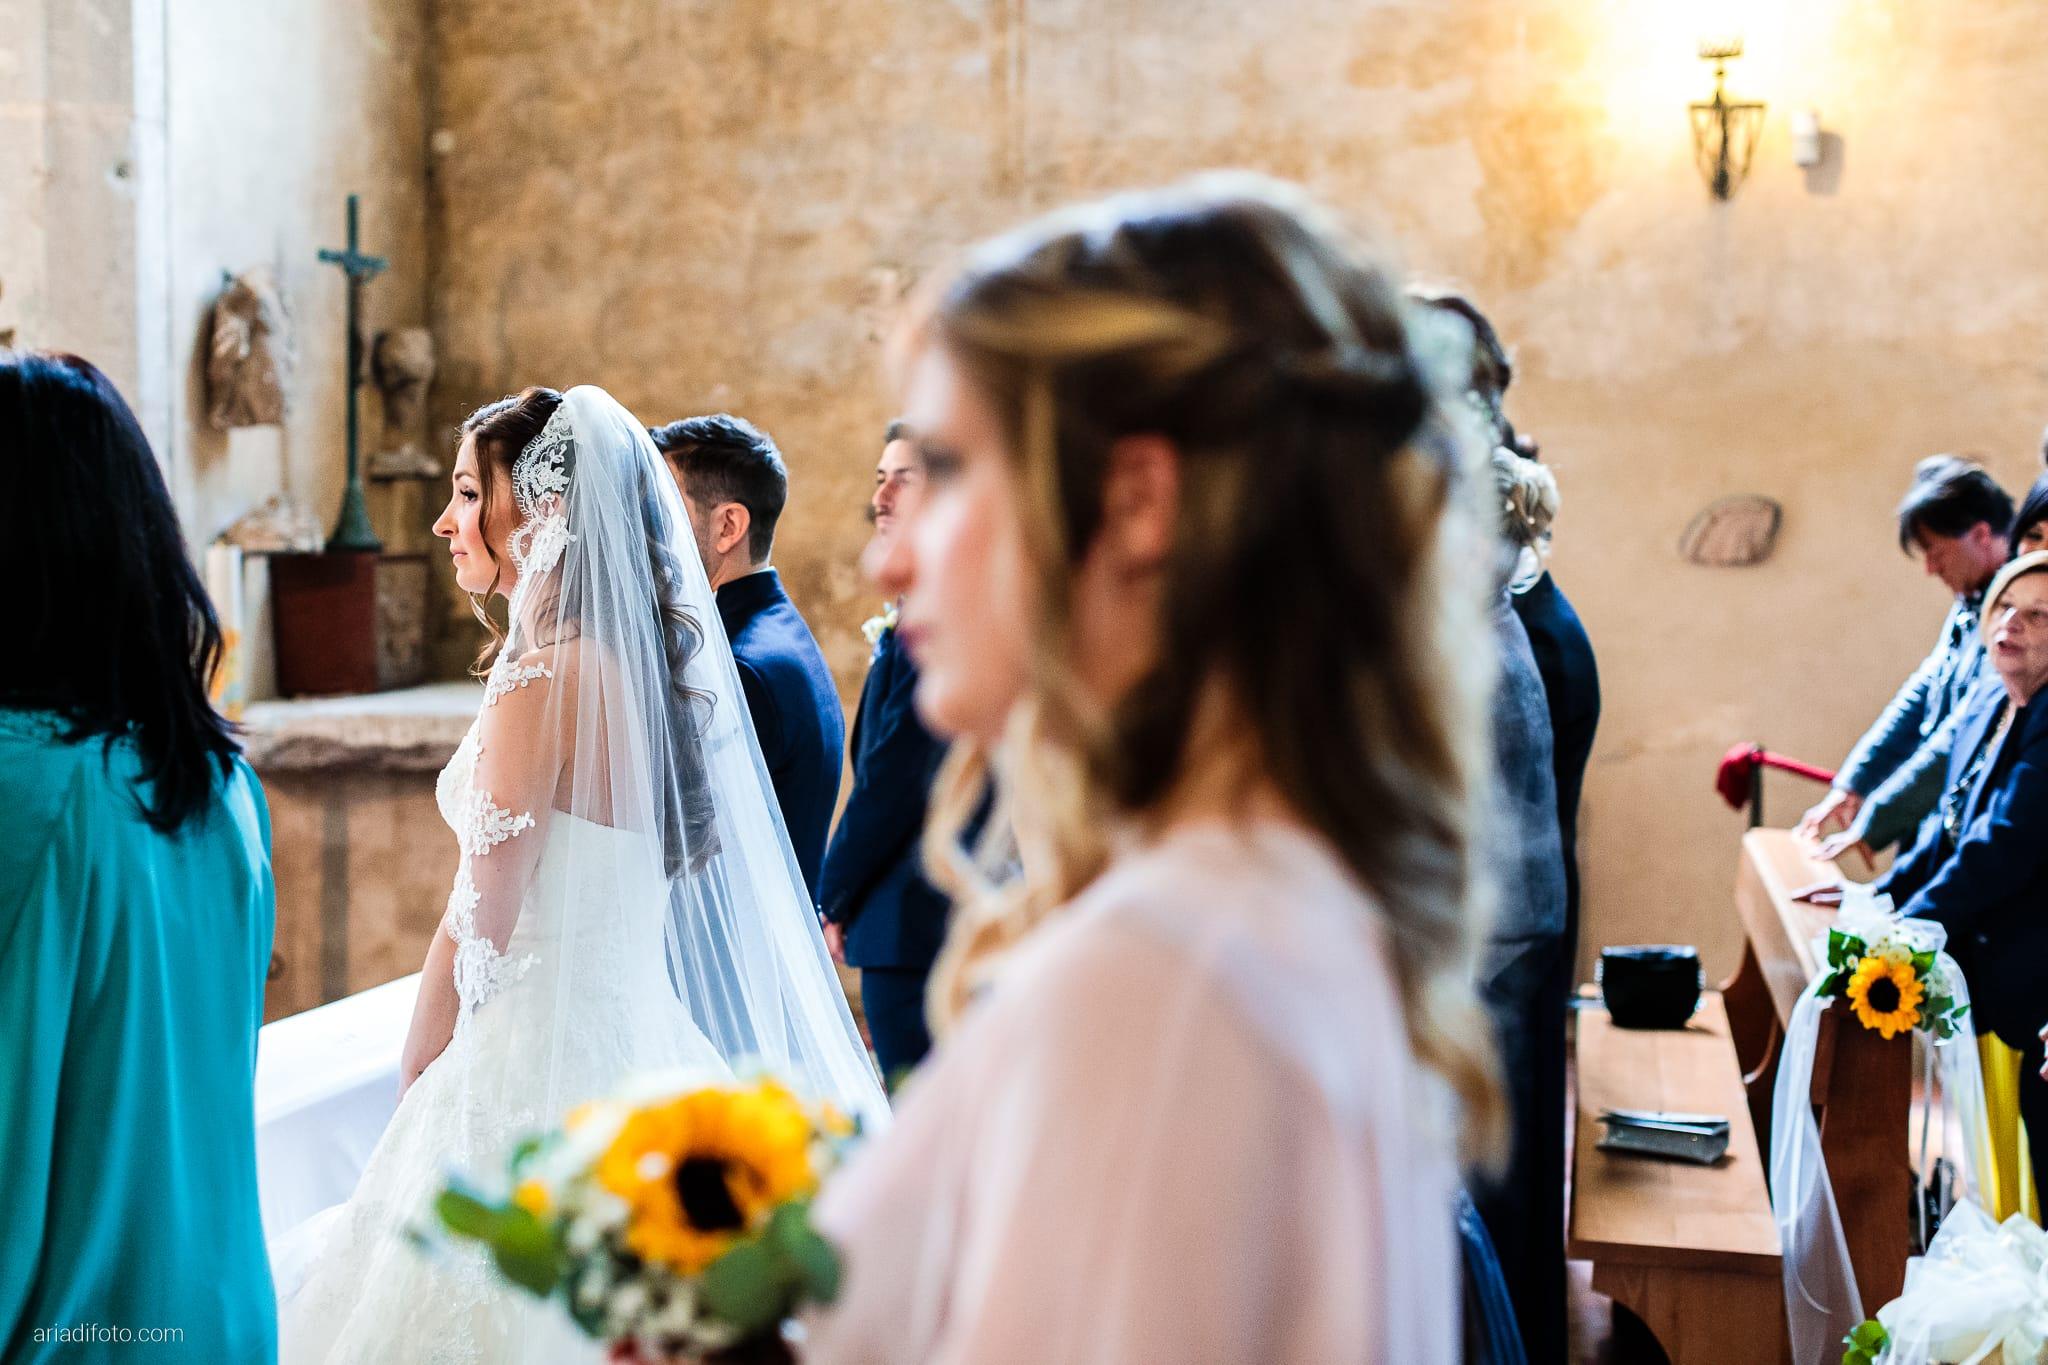 Giulia Alessandro Matrimonio Duino Trieste Baronesse Tacco San Floriano Del Collio Gorizia cerimonia